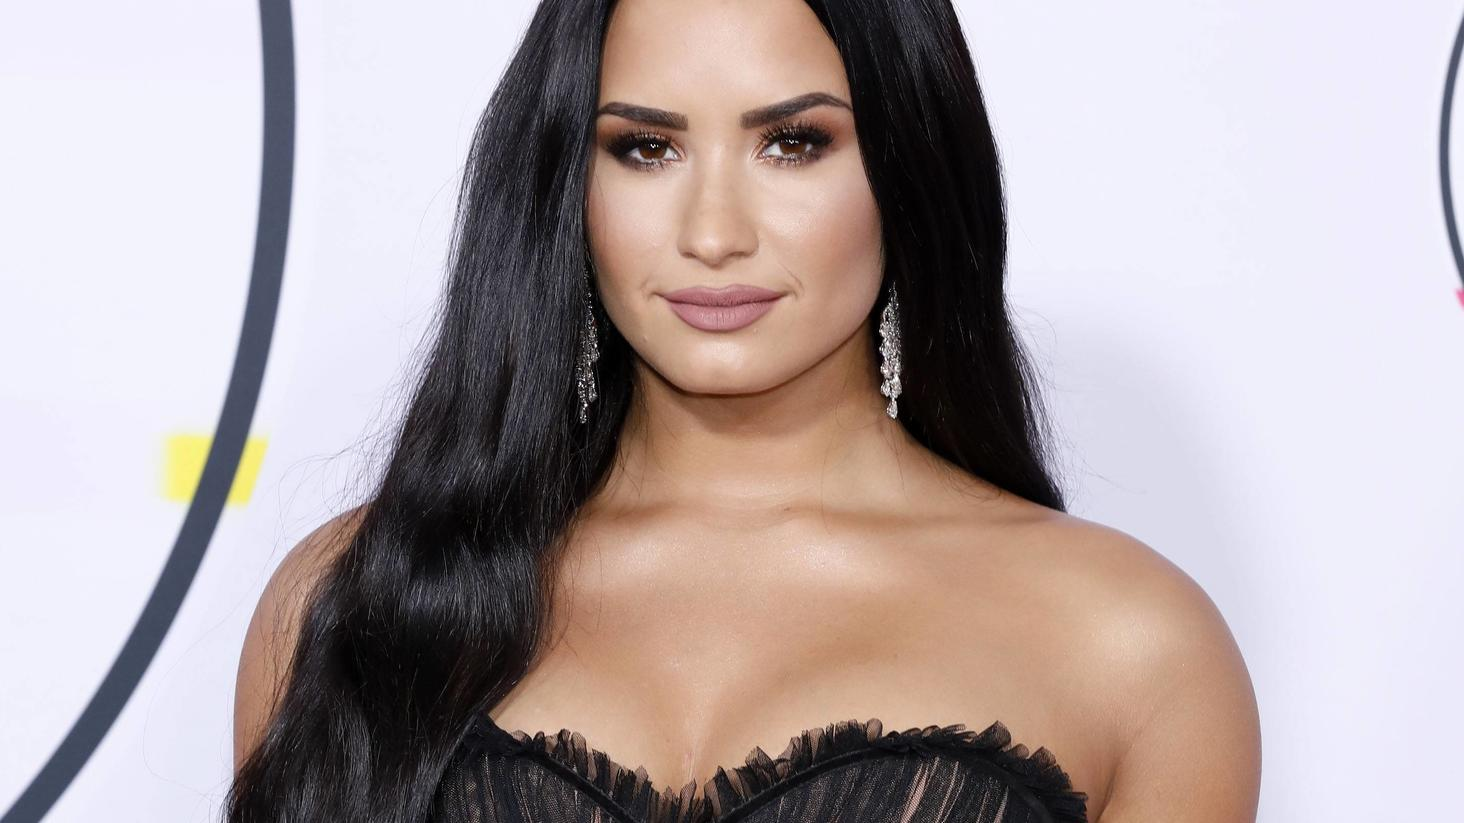 Demi Lovato im Hochzeitskleid: Dieses Bild lässt Fans durchdrehen